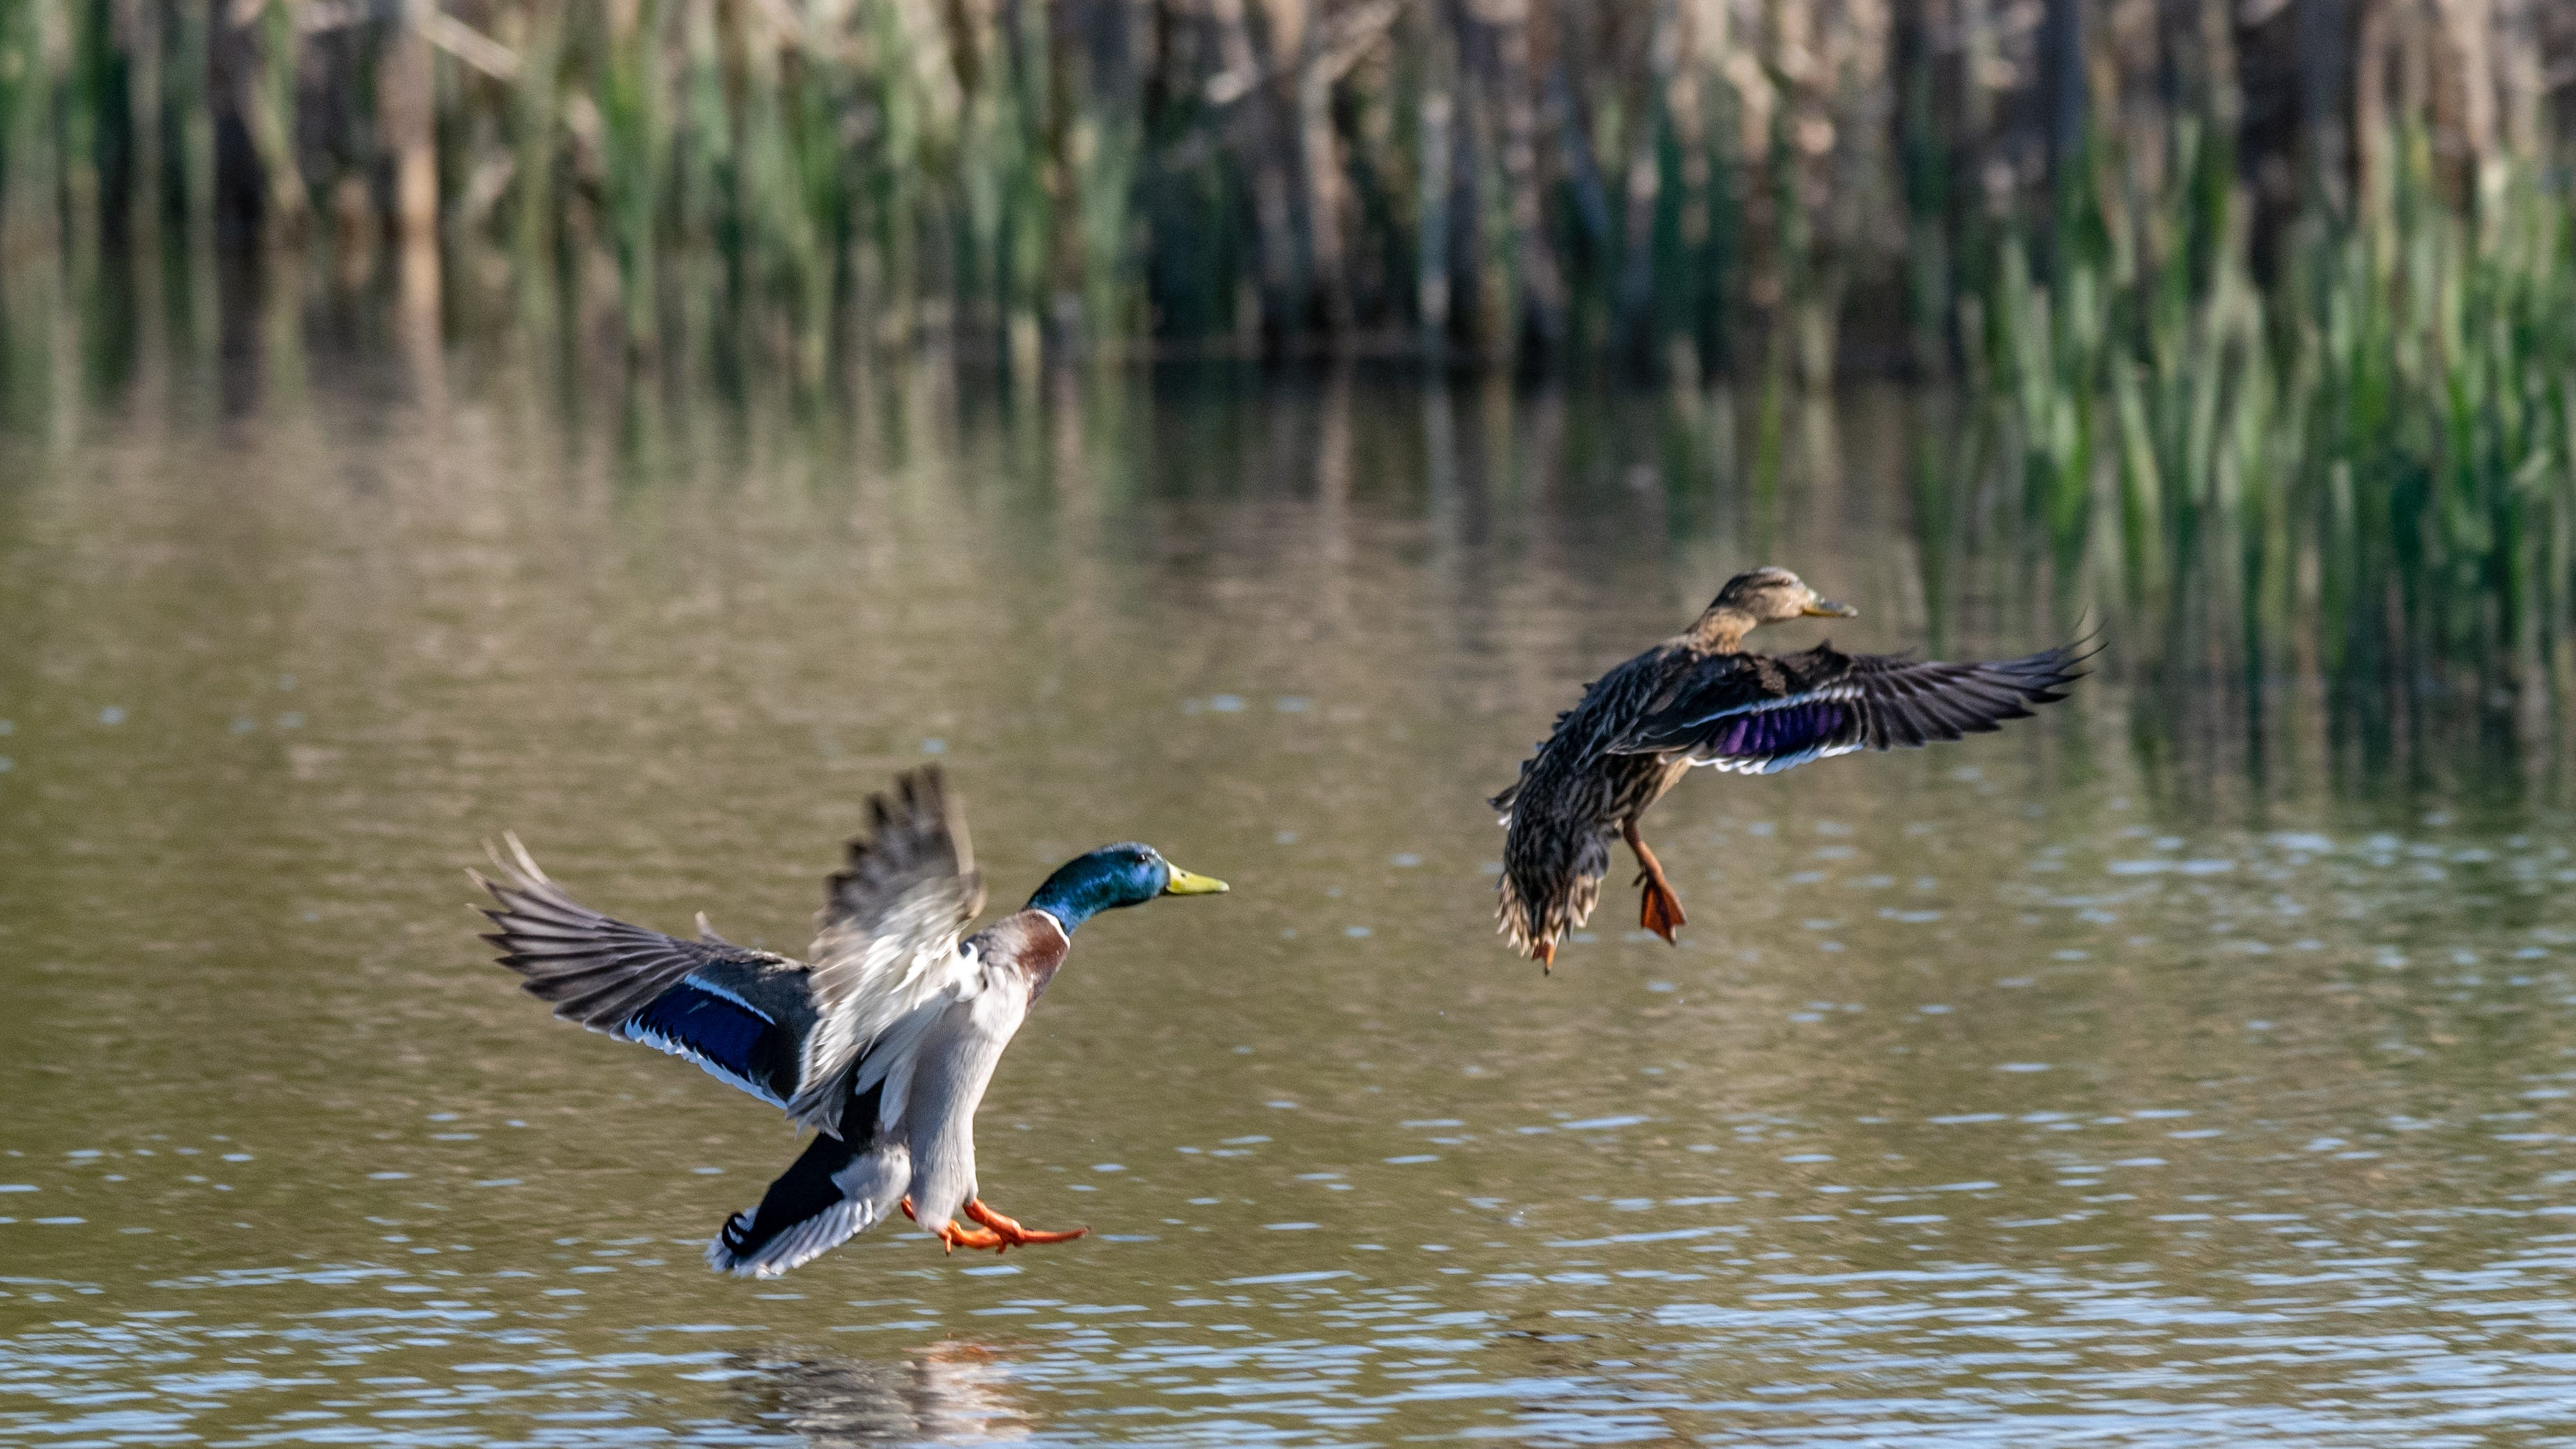 Louisiana man fined $5,000 for Migratory Bird Treaty Act violation